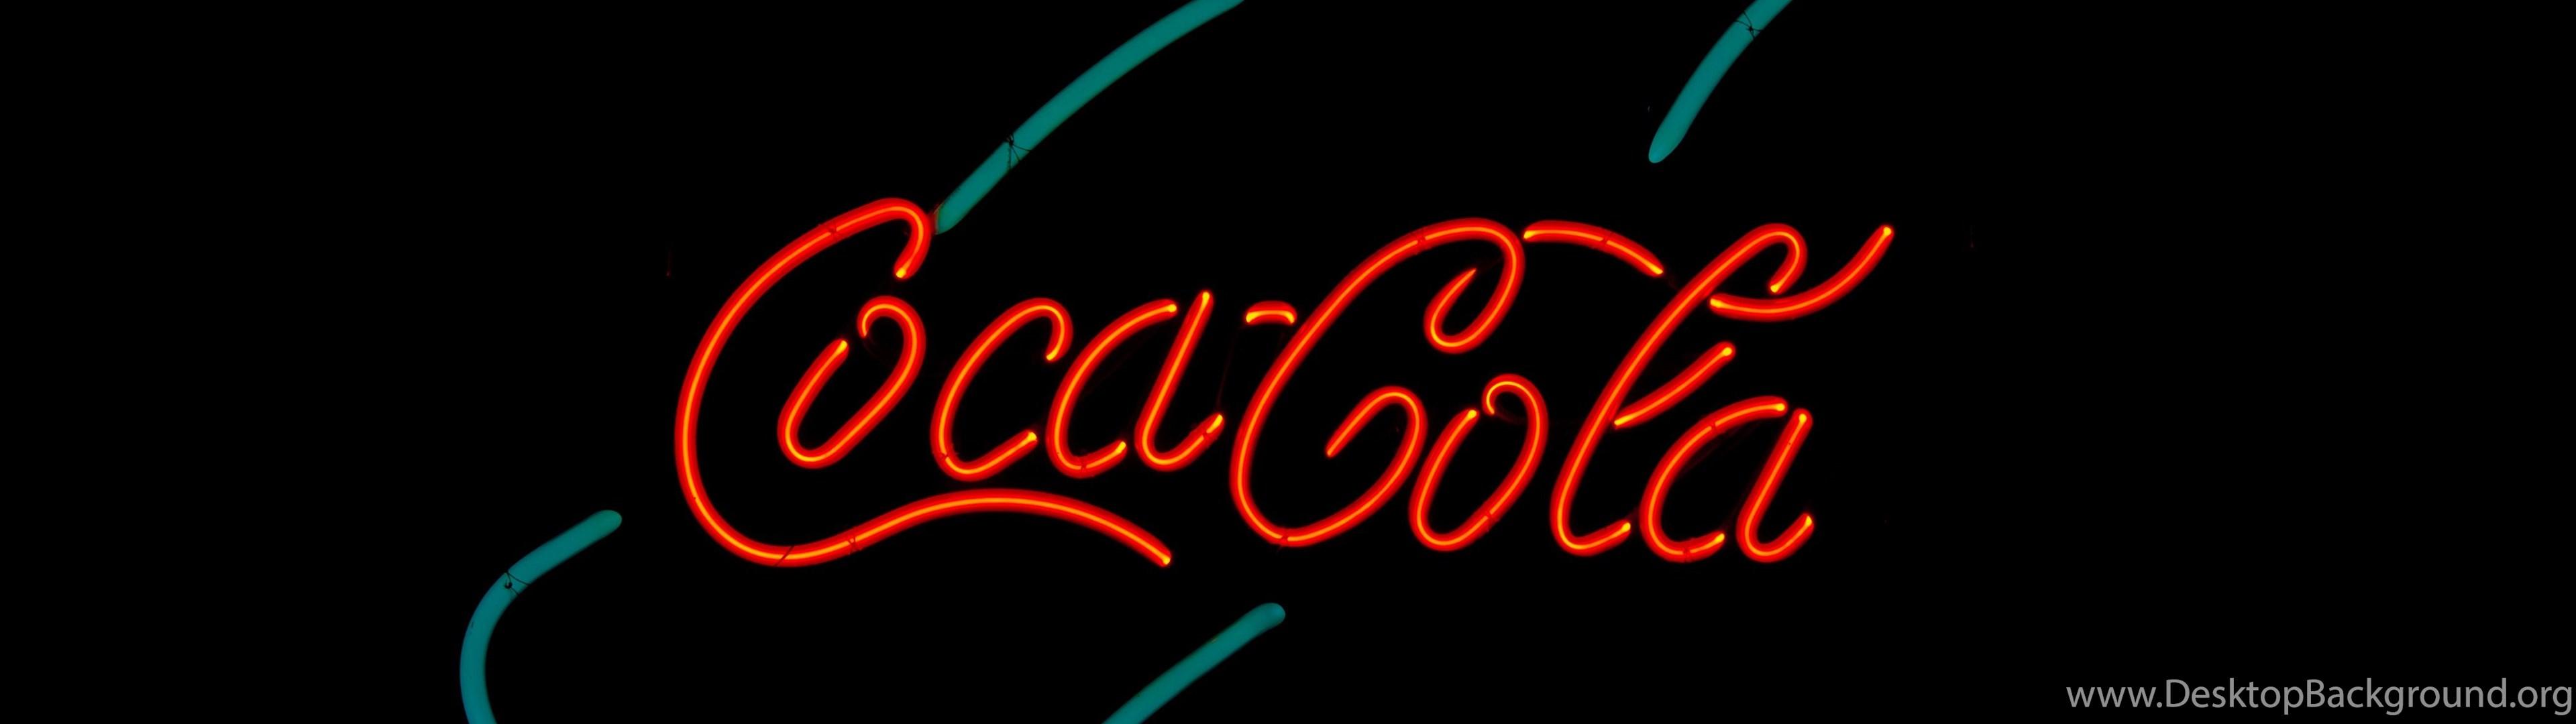 Fonds D Ecran Coca Cola Tous Les Wallpapers Coca Cola Desktop Background